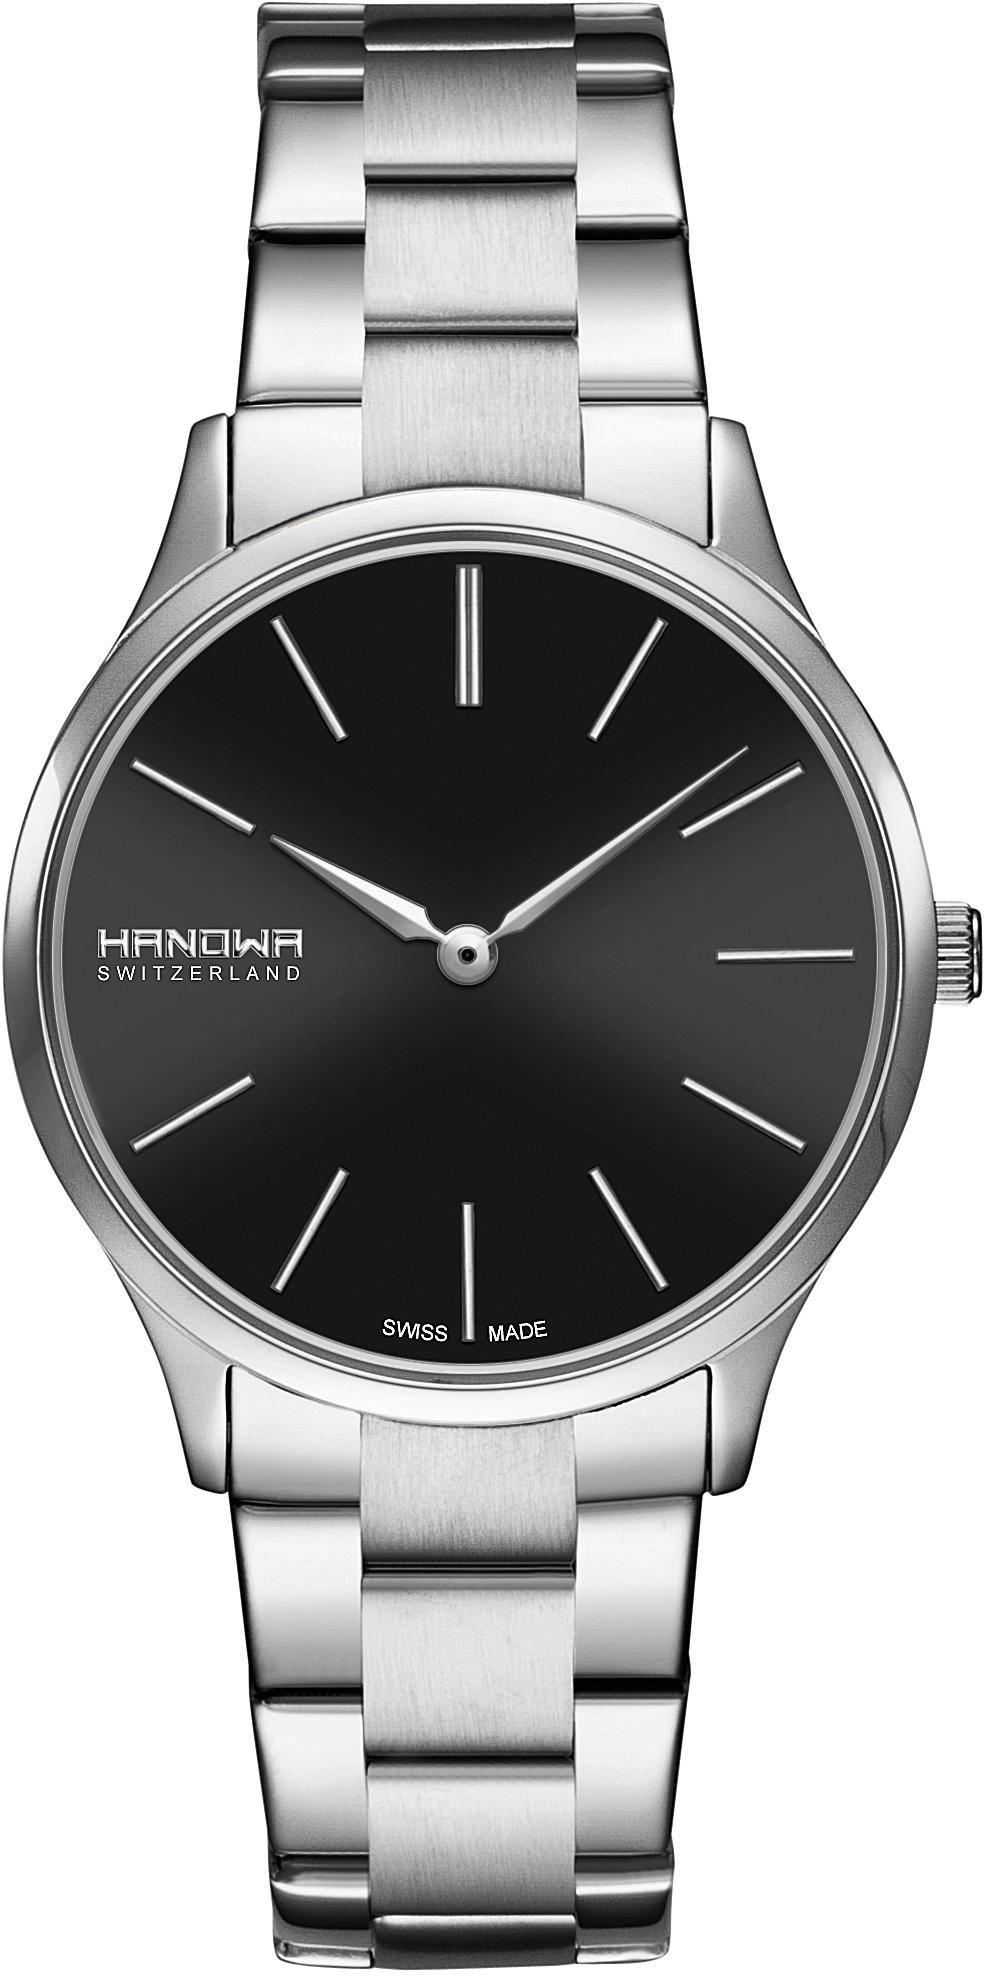 HANOWA Hanowa Schweizer Uhr »PURE, 16-7060.04.007«